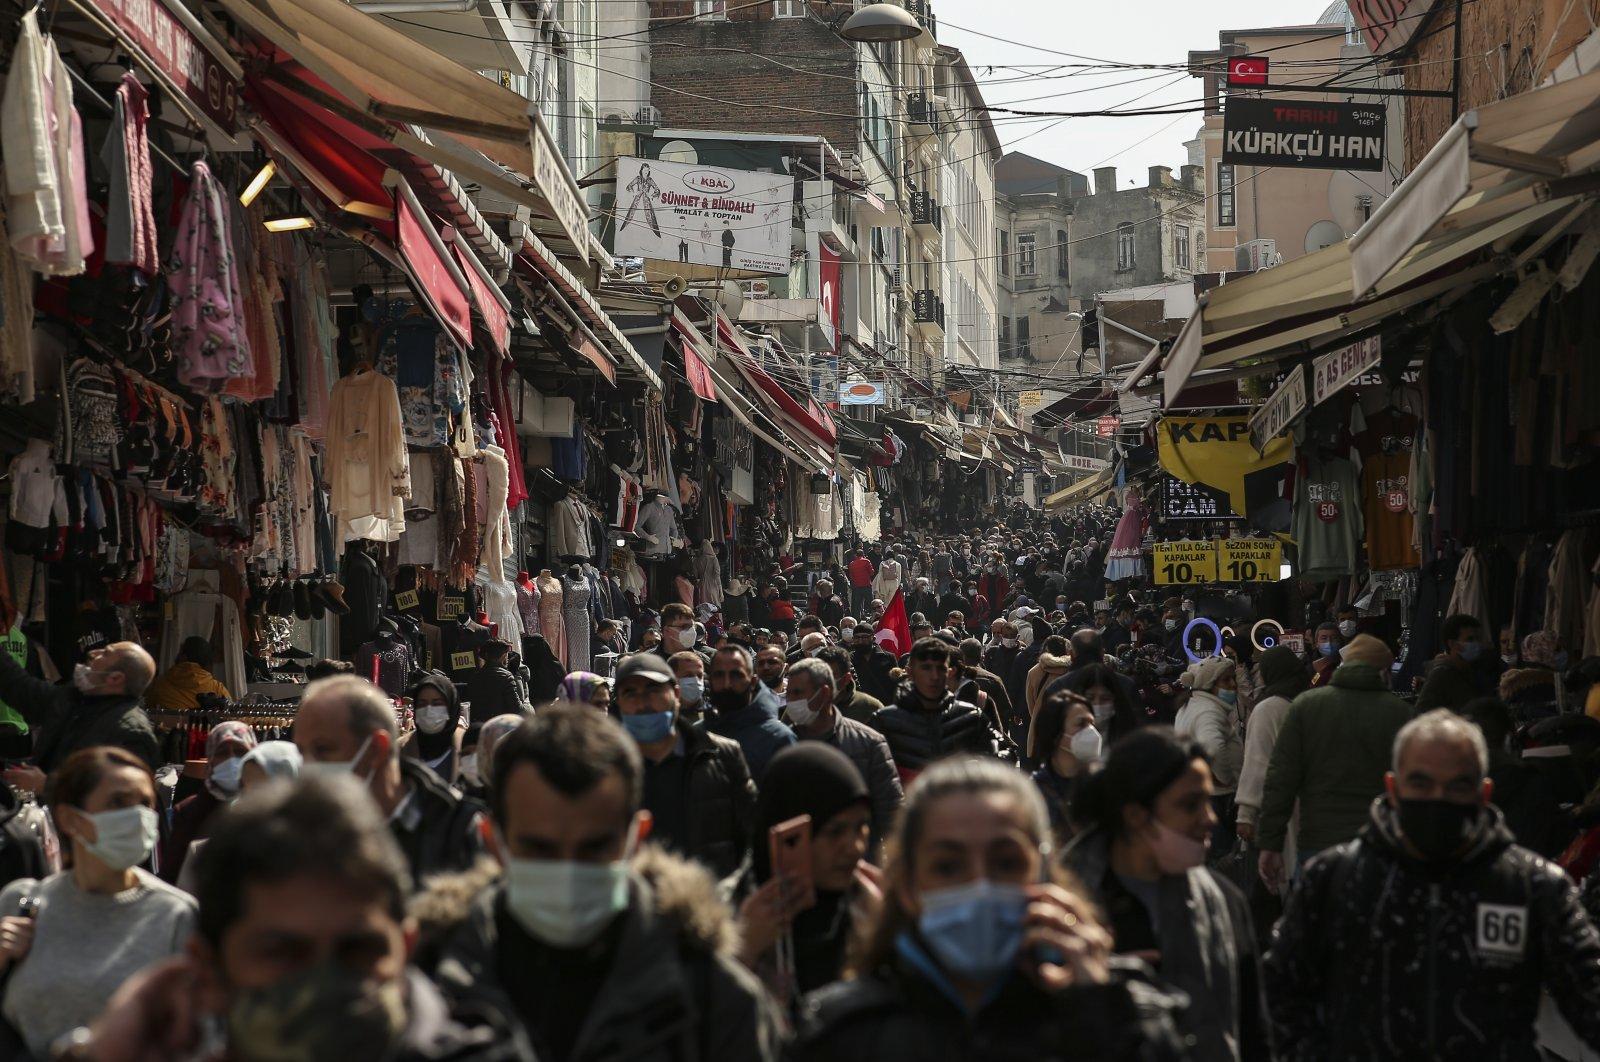 People walk in an open market in Istanbul, Turkey, March 22, 2021. (AP Photo)